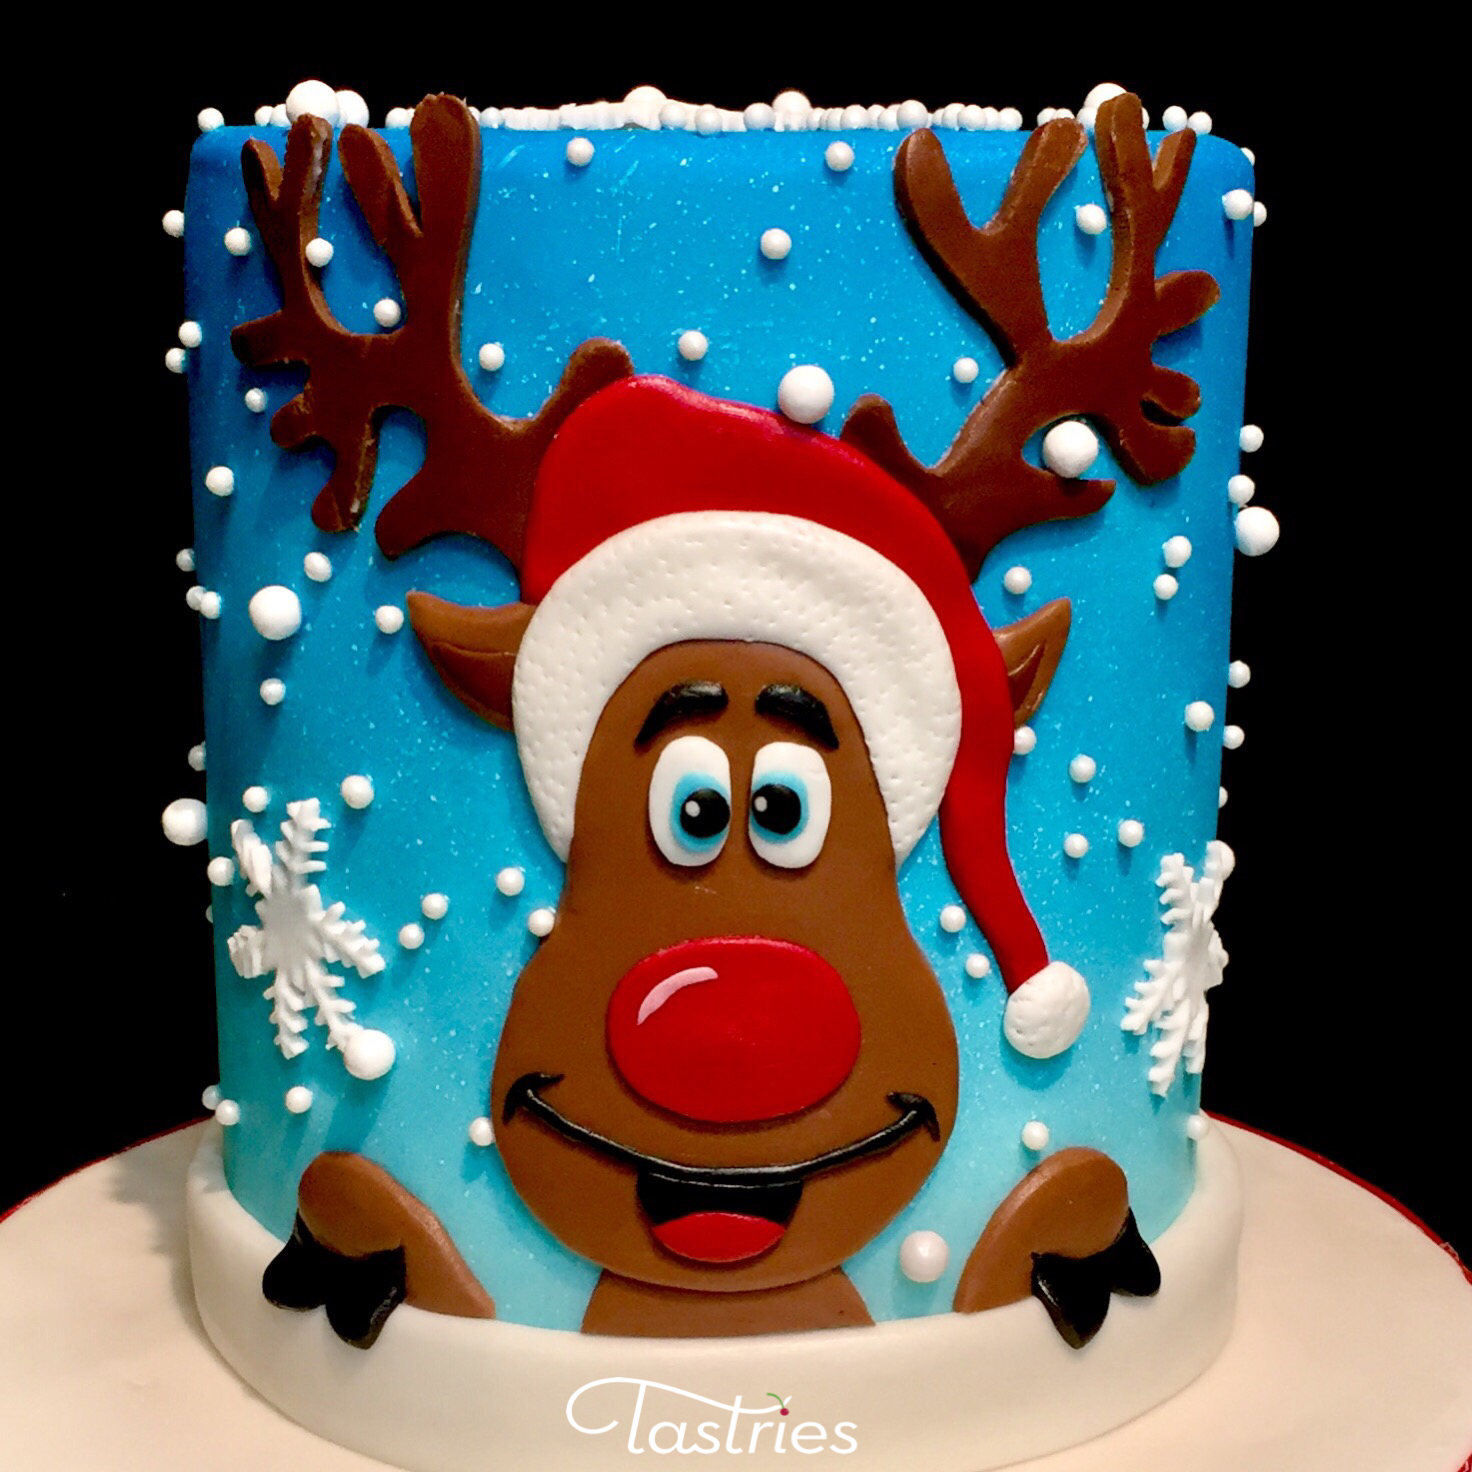 Rudolph Cake, Tastries Bakery